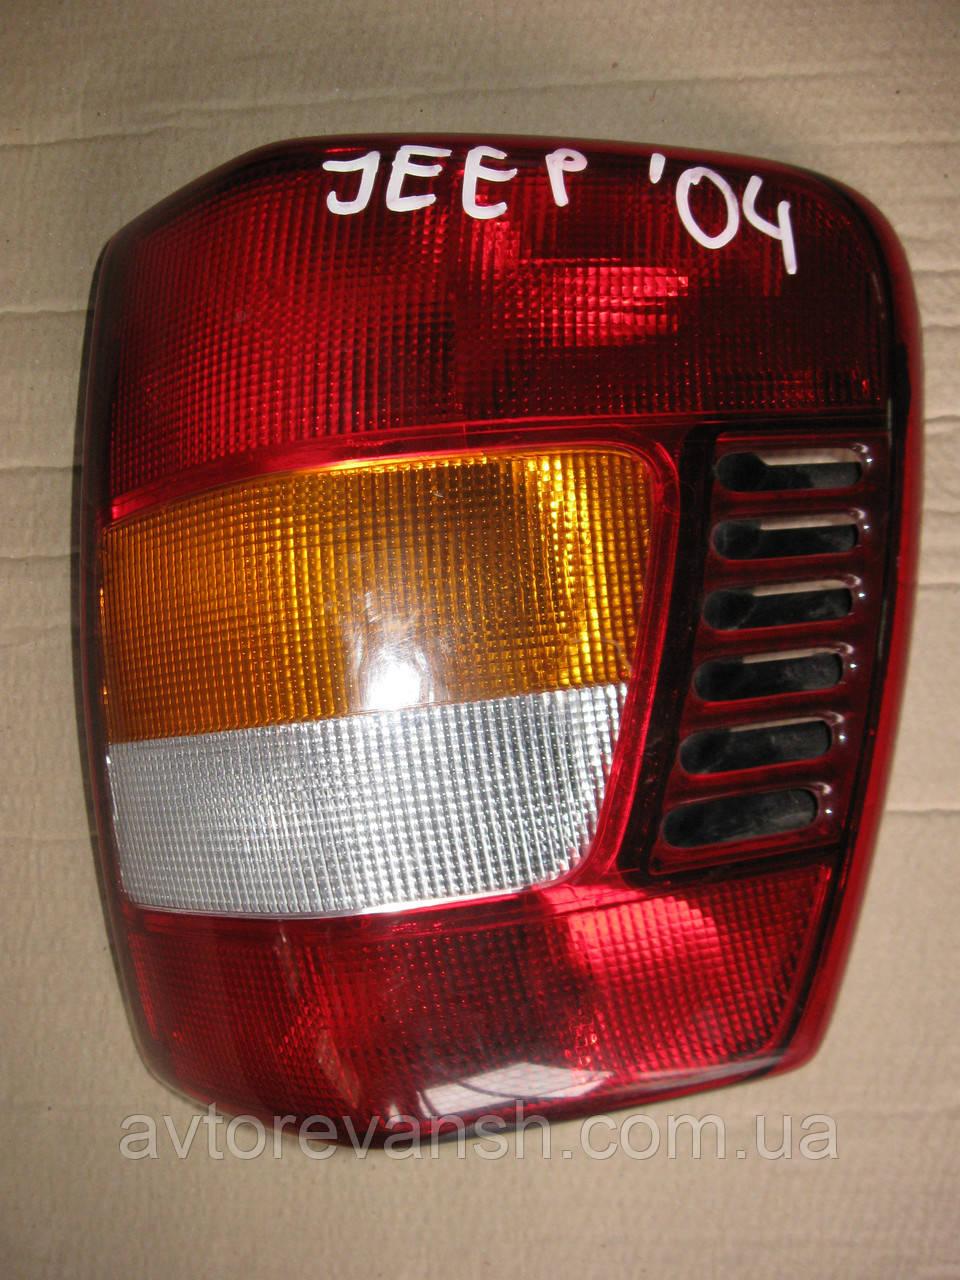 Стоп задний правый  Джип Гранд Чероки бу Jeep Grand Cherokee, фото 1